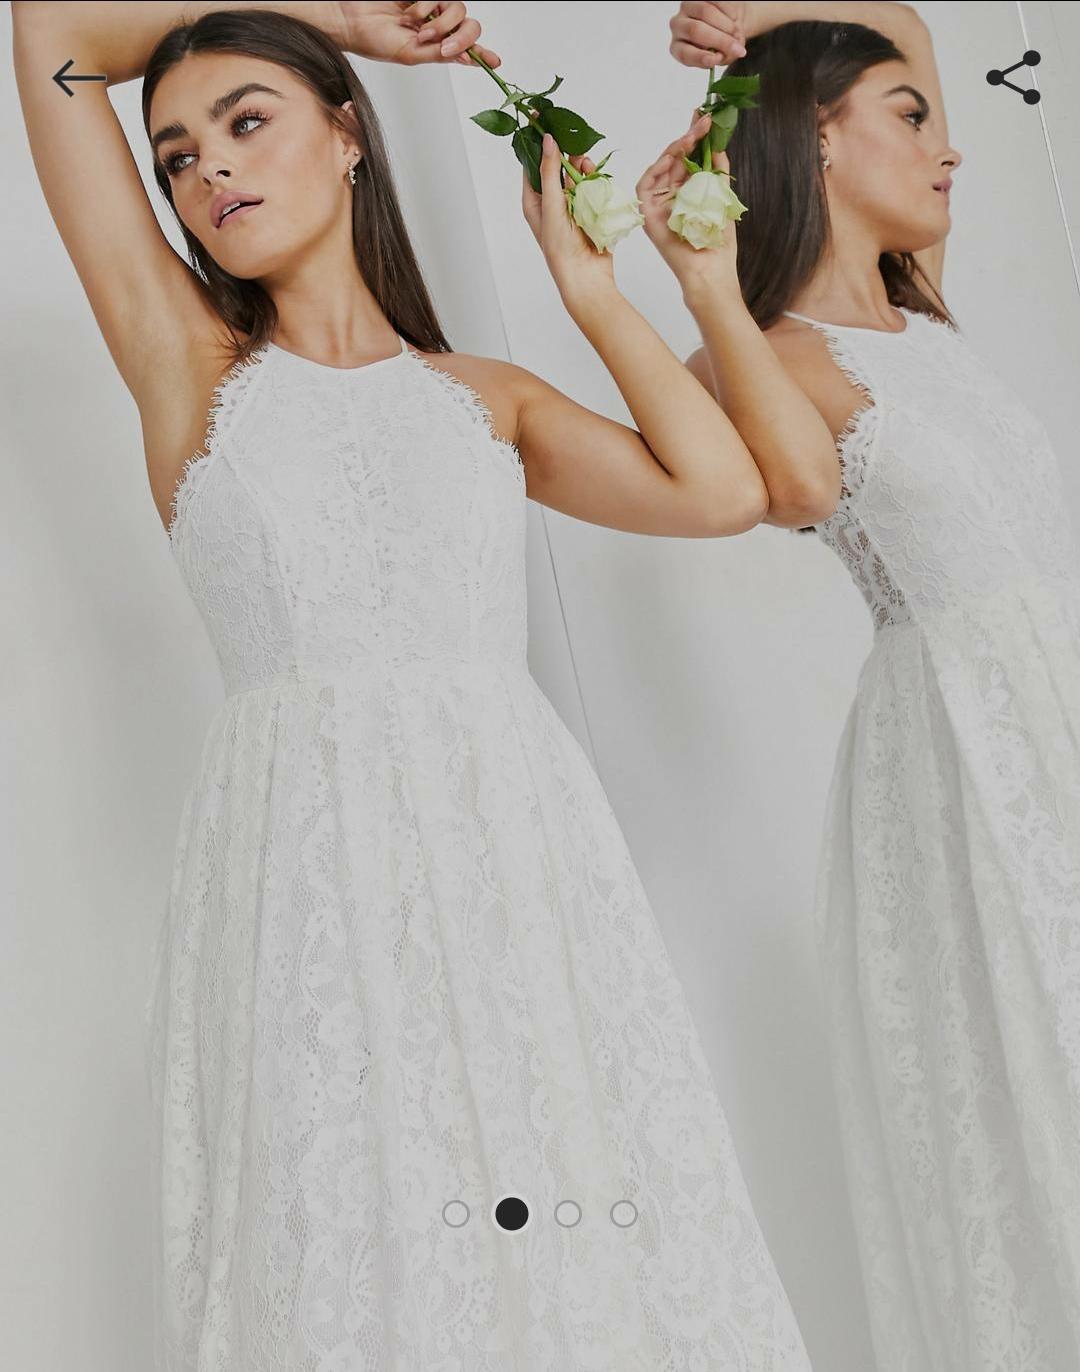 Predám nové svadobné šaty - Obrázok č. 2